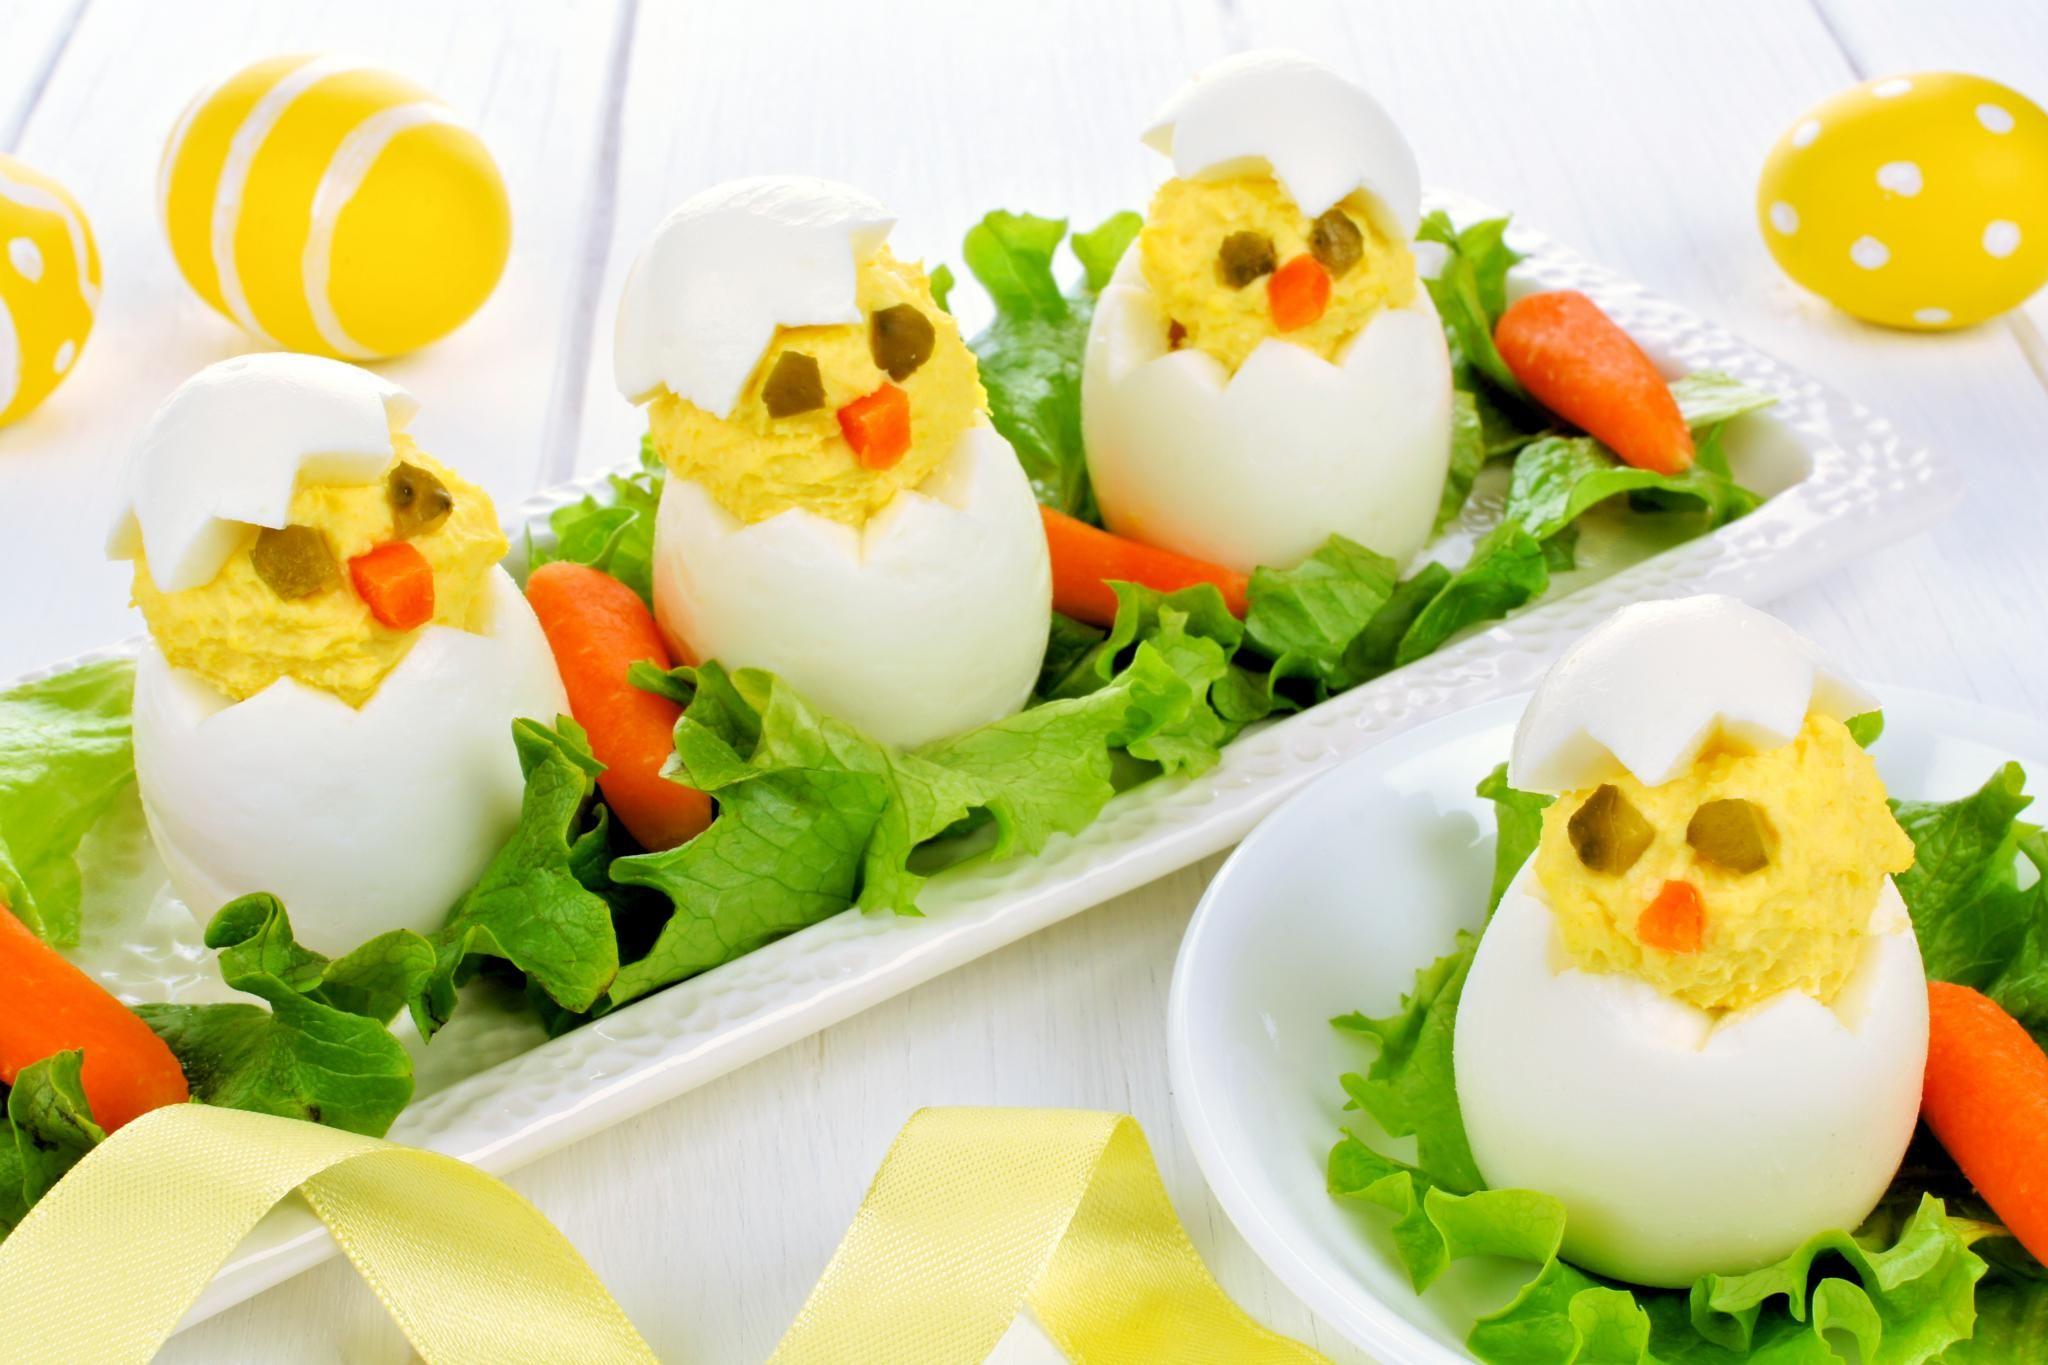 Tradiční menu na Velikonoce